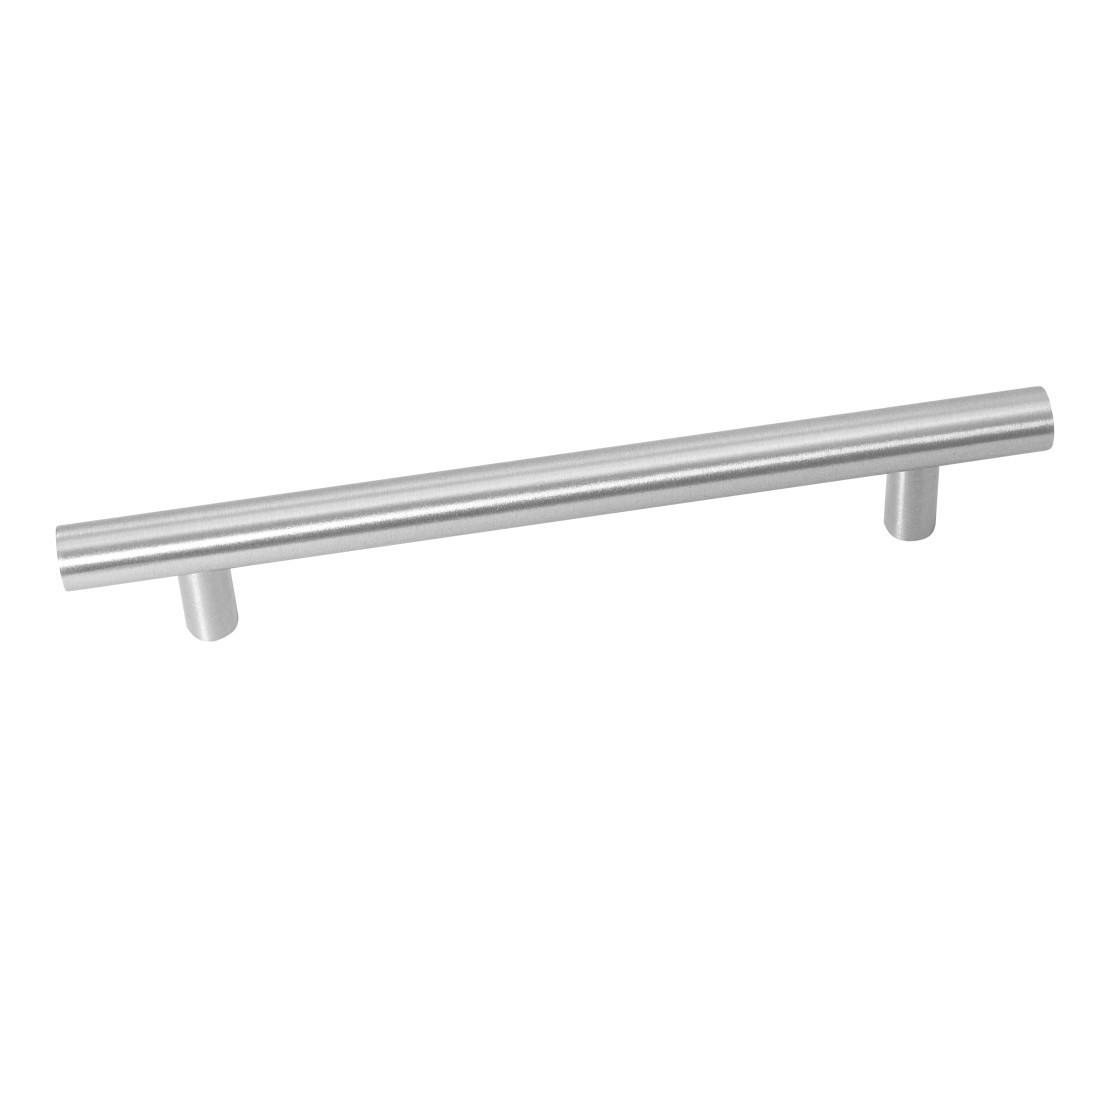 Puxador de Aco Inox Escovado 096 mm - Bangai Hastvel